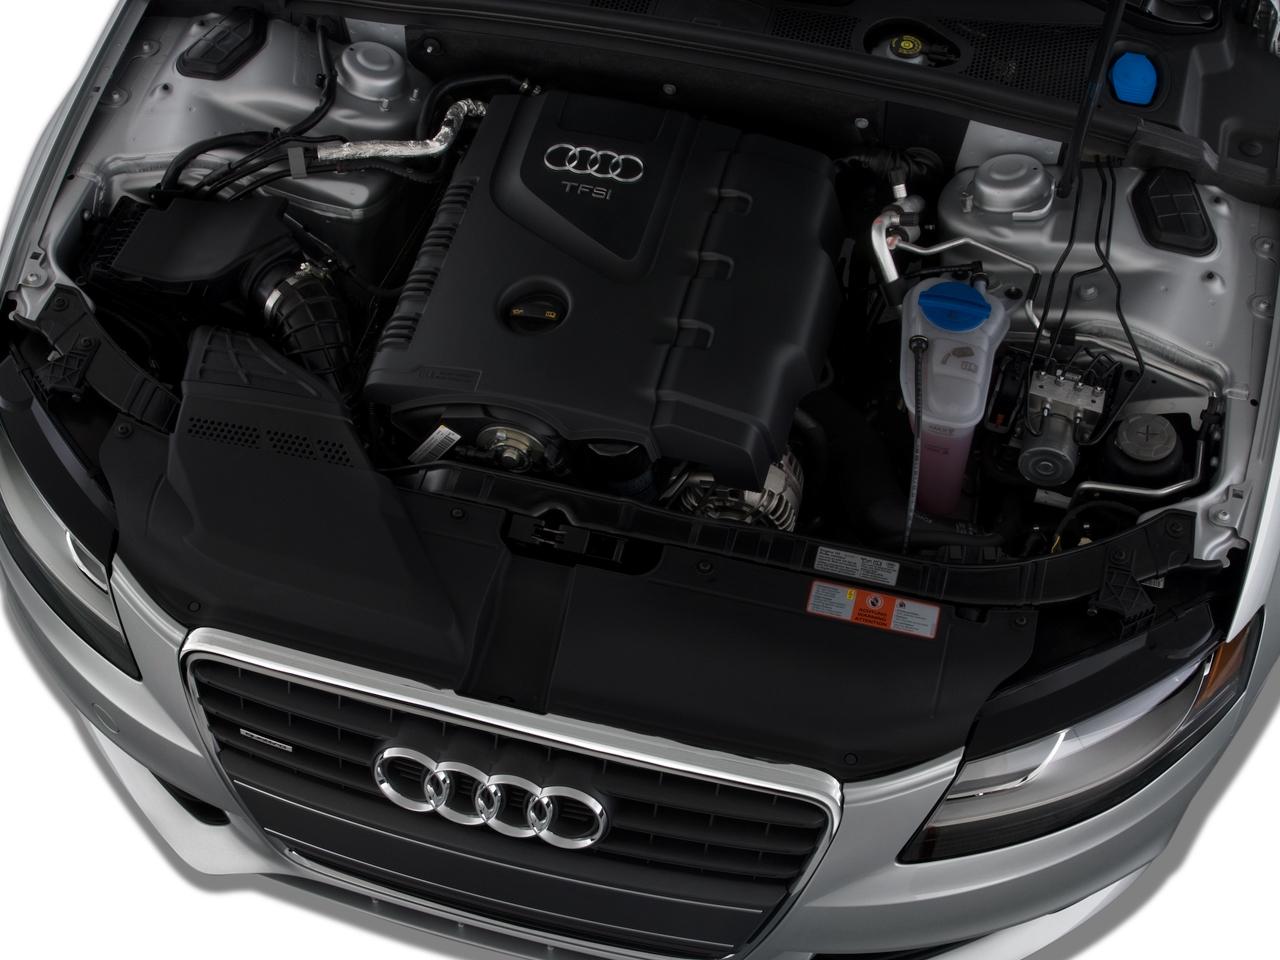 2009 Audi A4 Allroad Quattro Spied